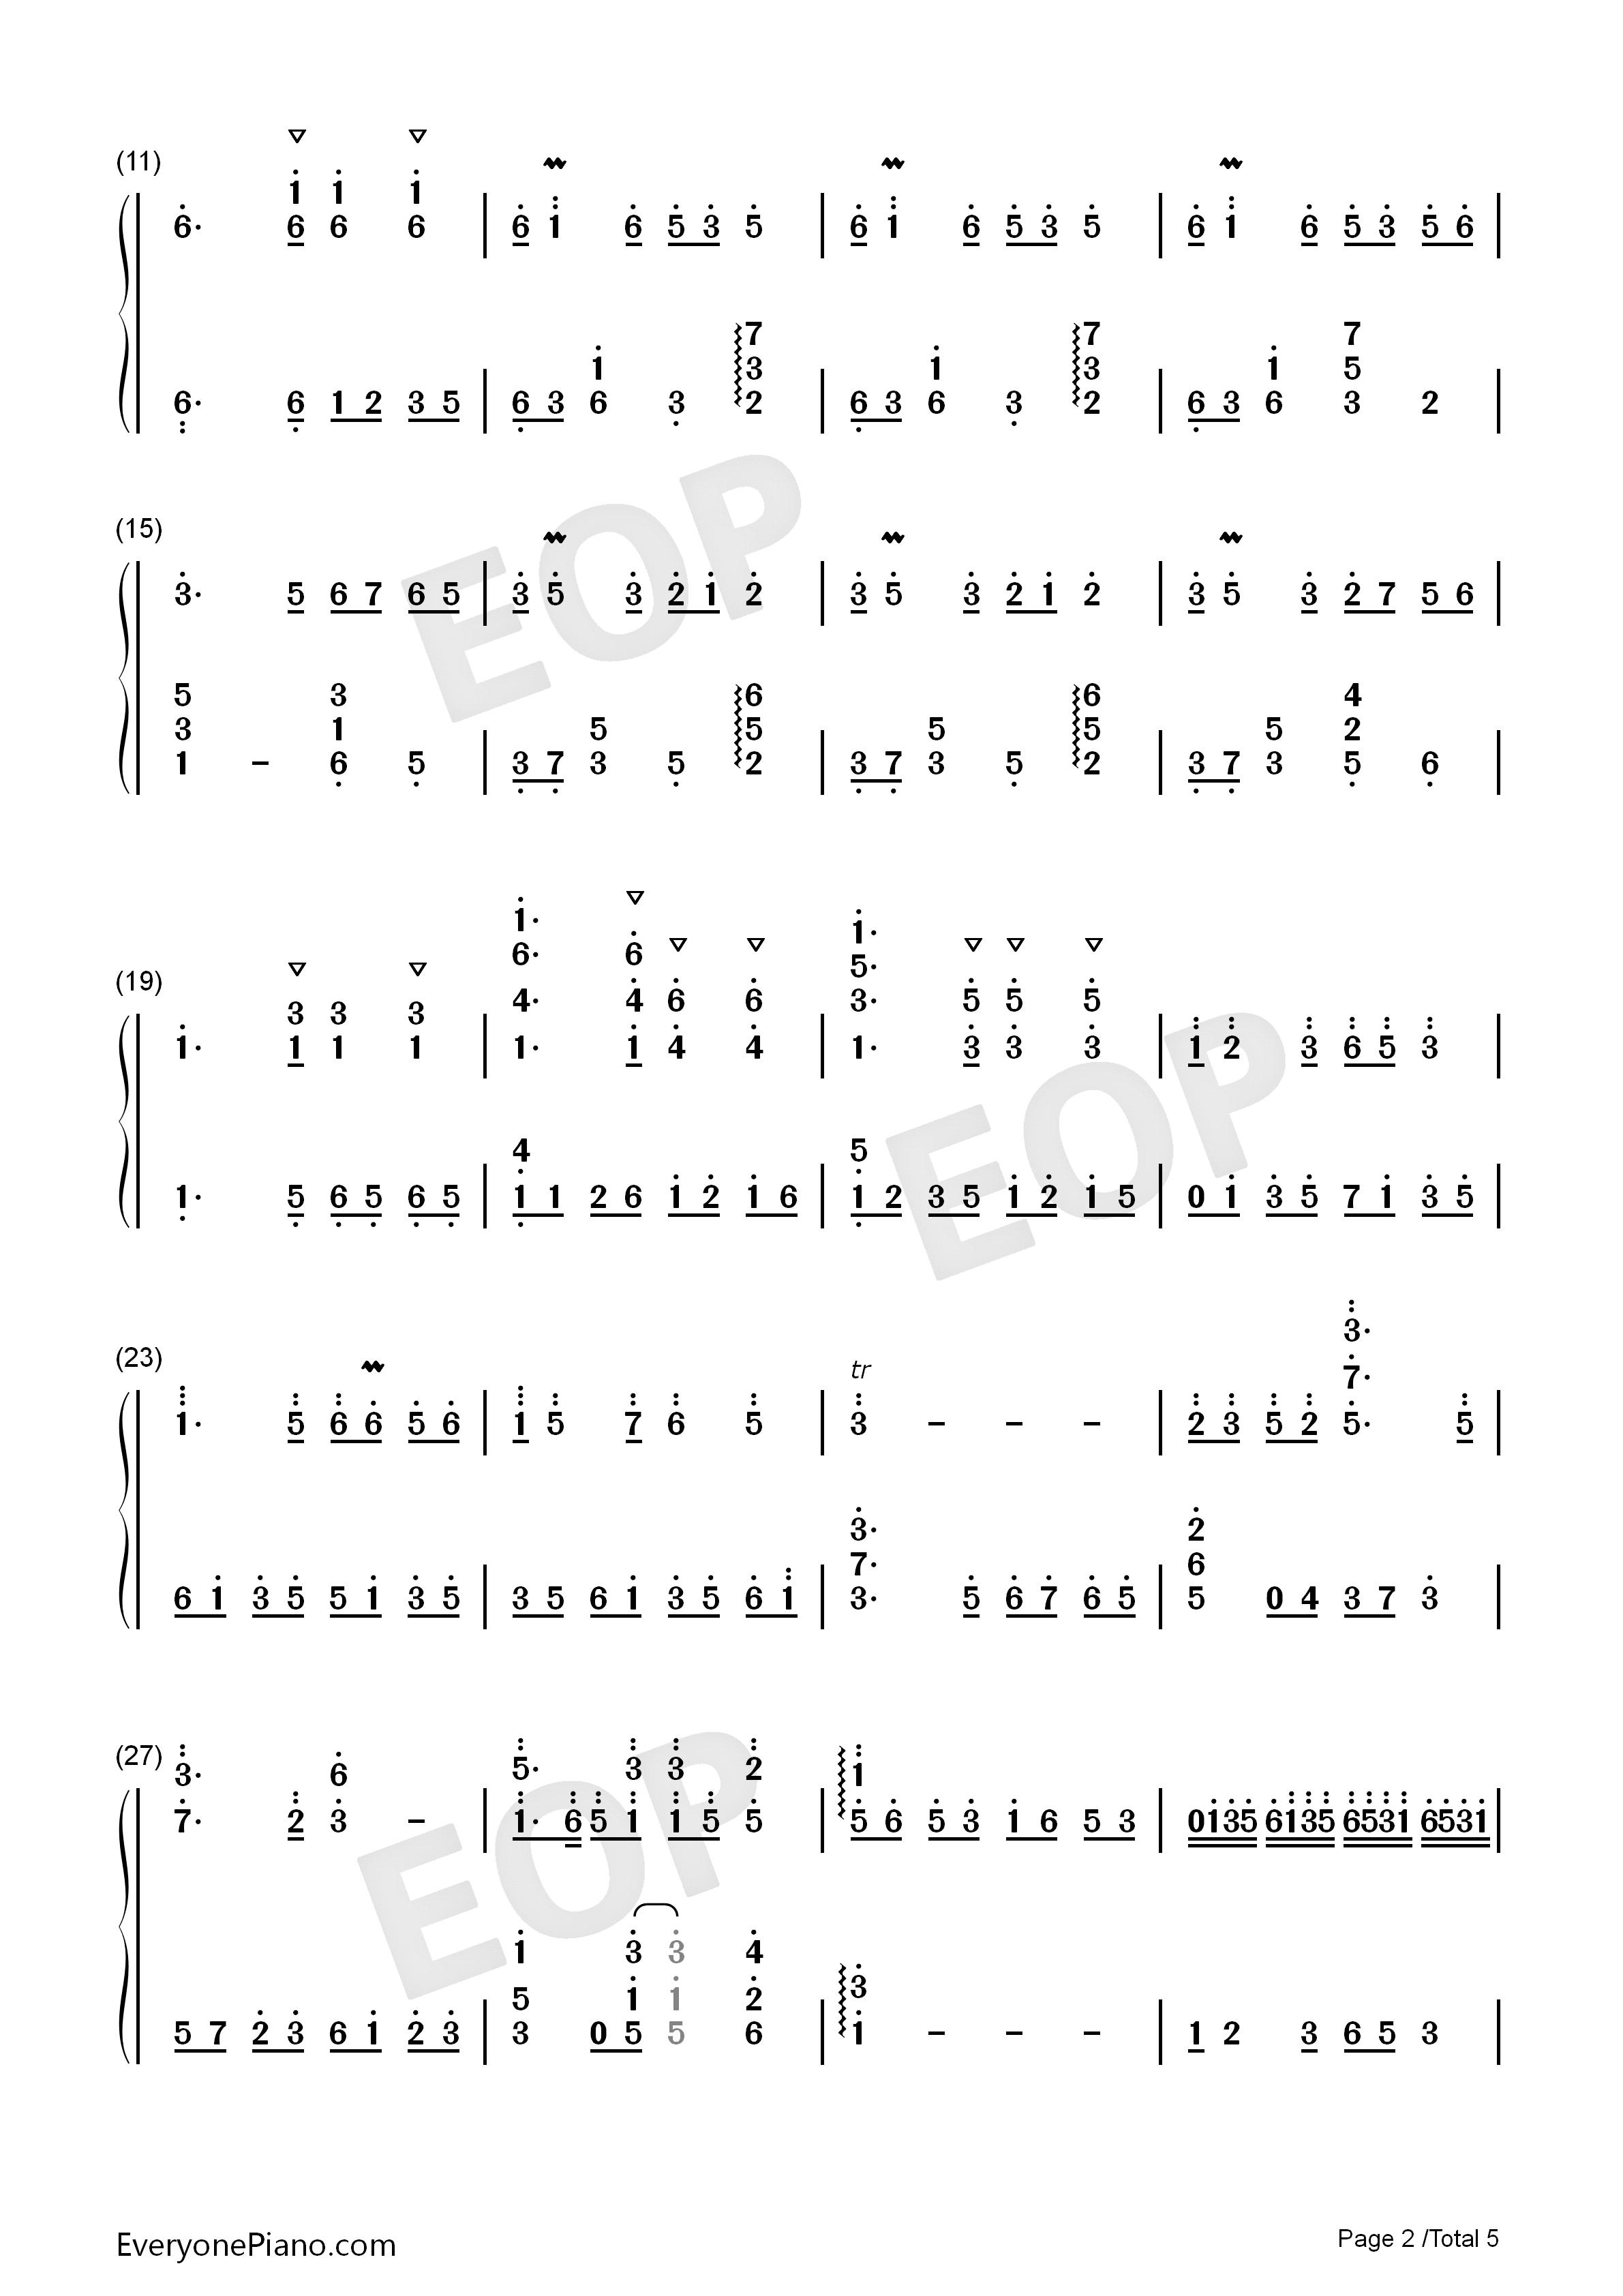 钢琴曲谱 民乐 彩云追月-经典民乐-eop教学曲 彩云追月-经典民乐-eop